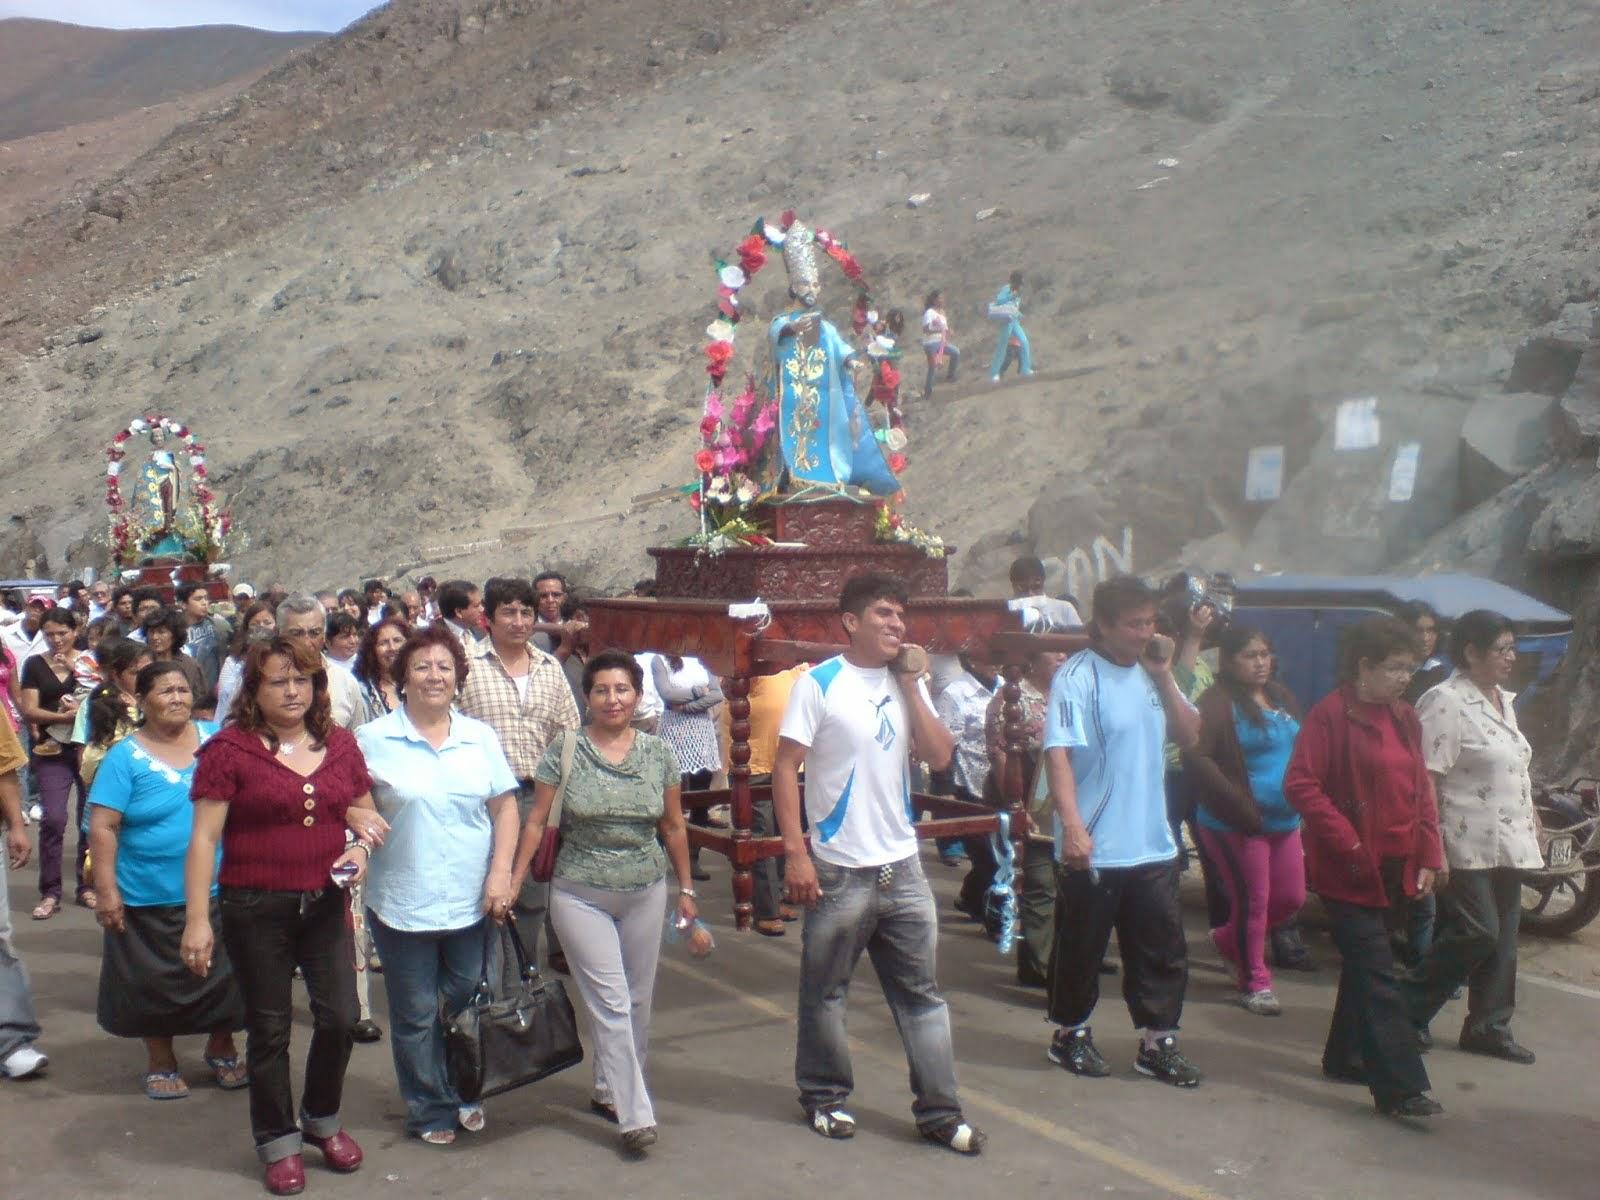 Fiesta de San Pedrito